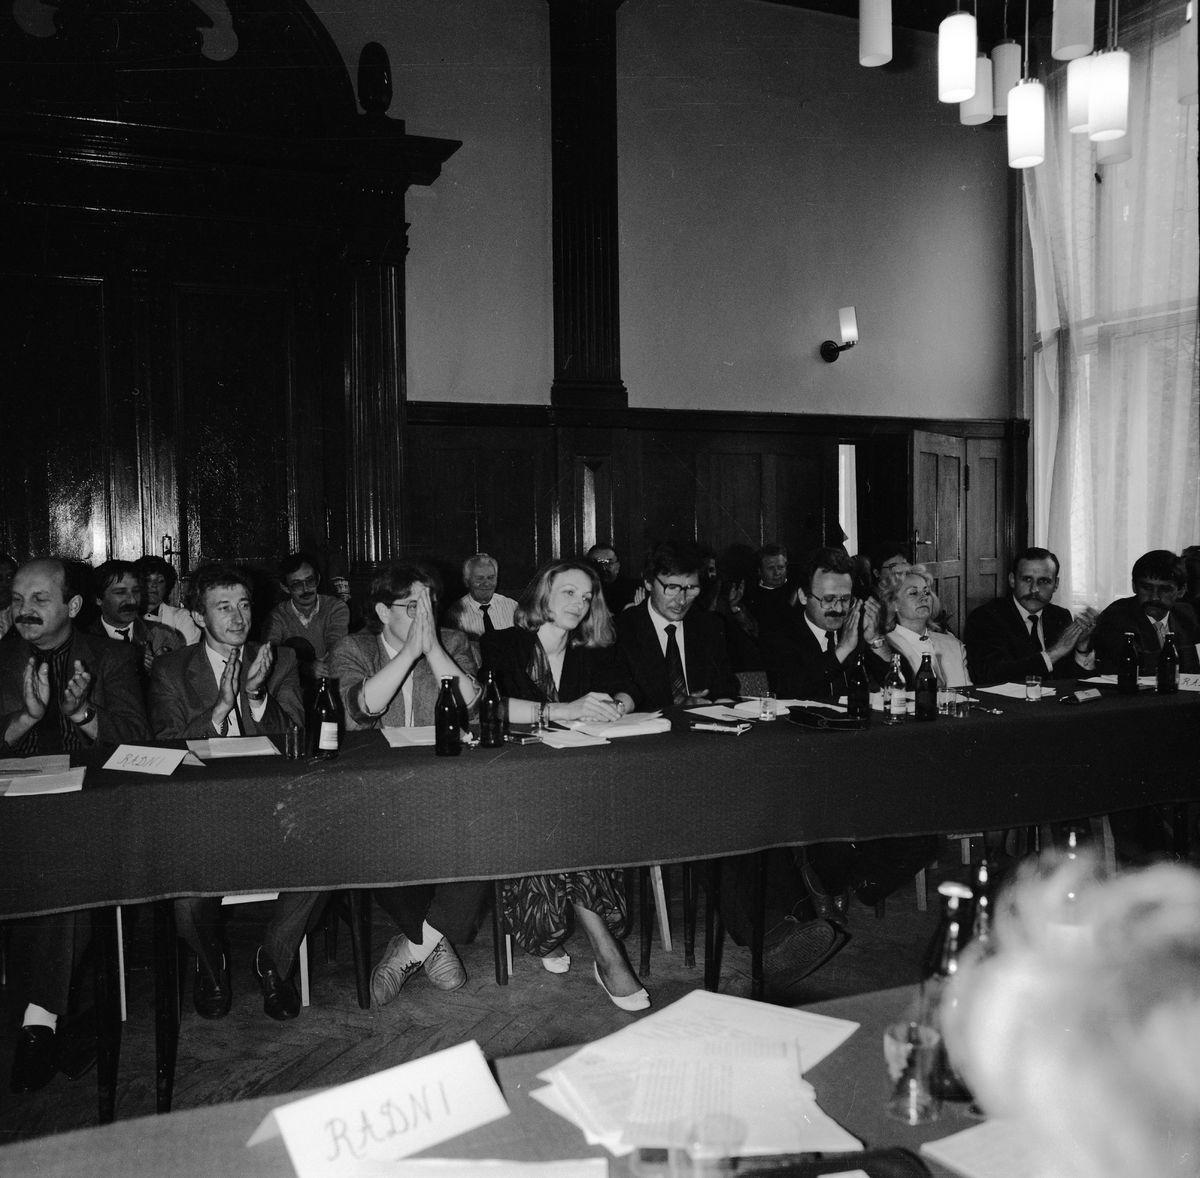 Kolekcja zbiorowa <br /> Foto-mix z 30 lat wolnego giżyckiego samorządu (1990 - 2020)